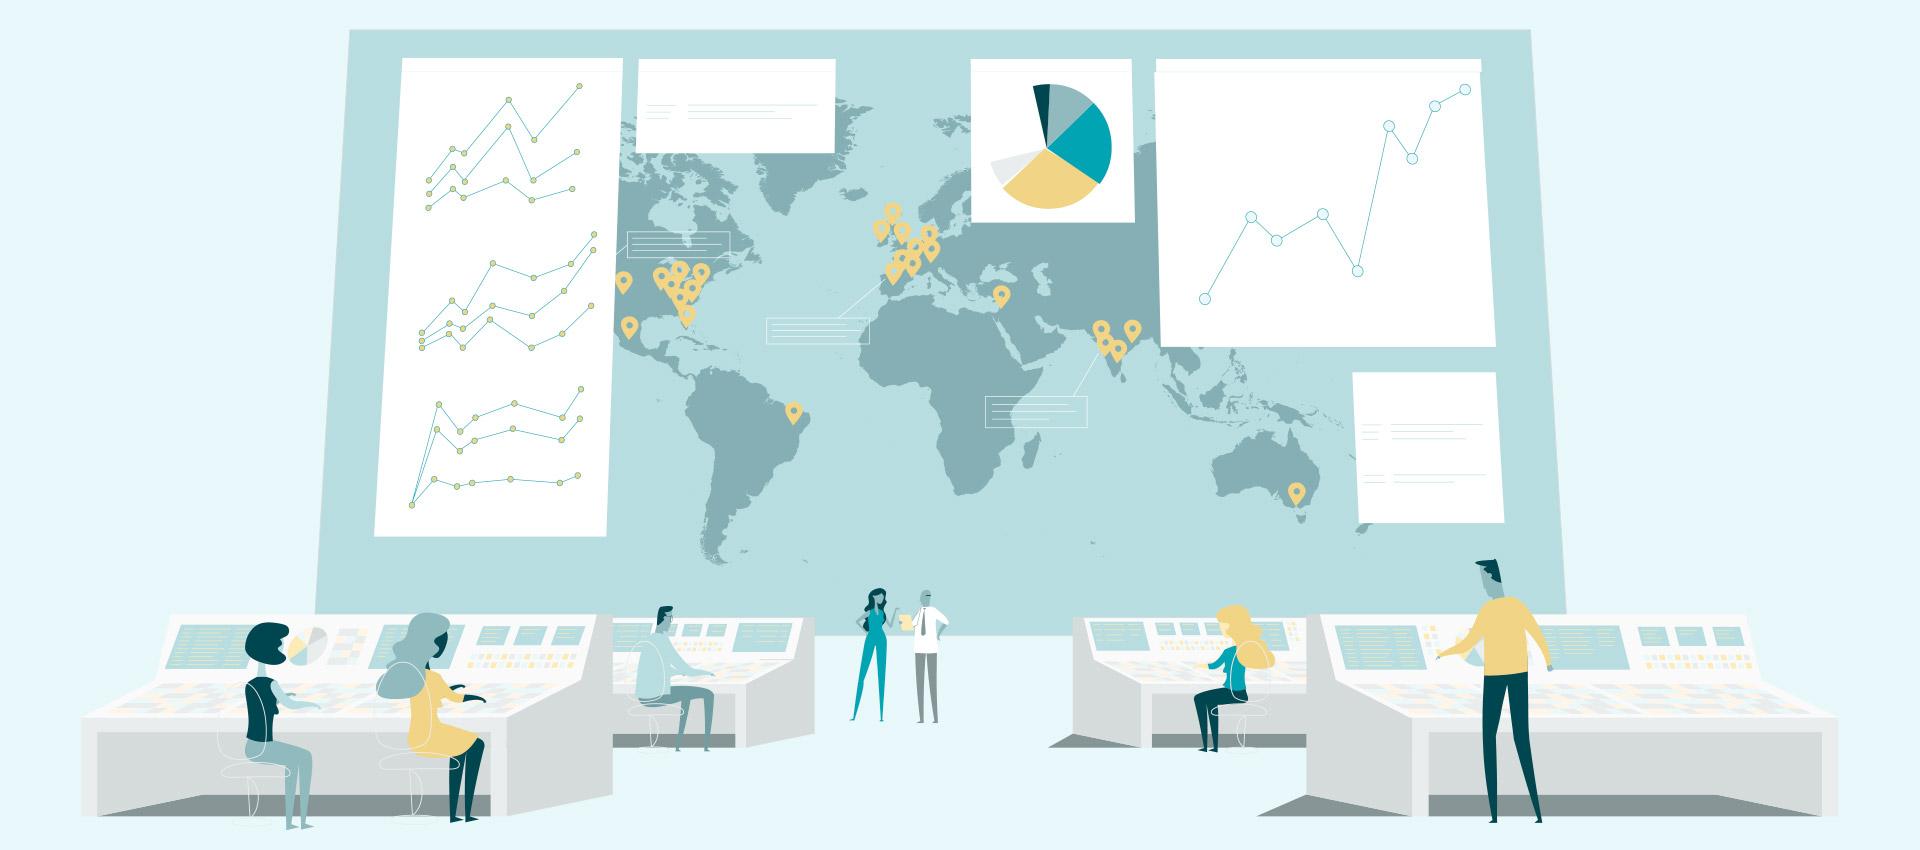 人们在拥有全球电子商务图表的庞大地图前工作